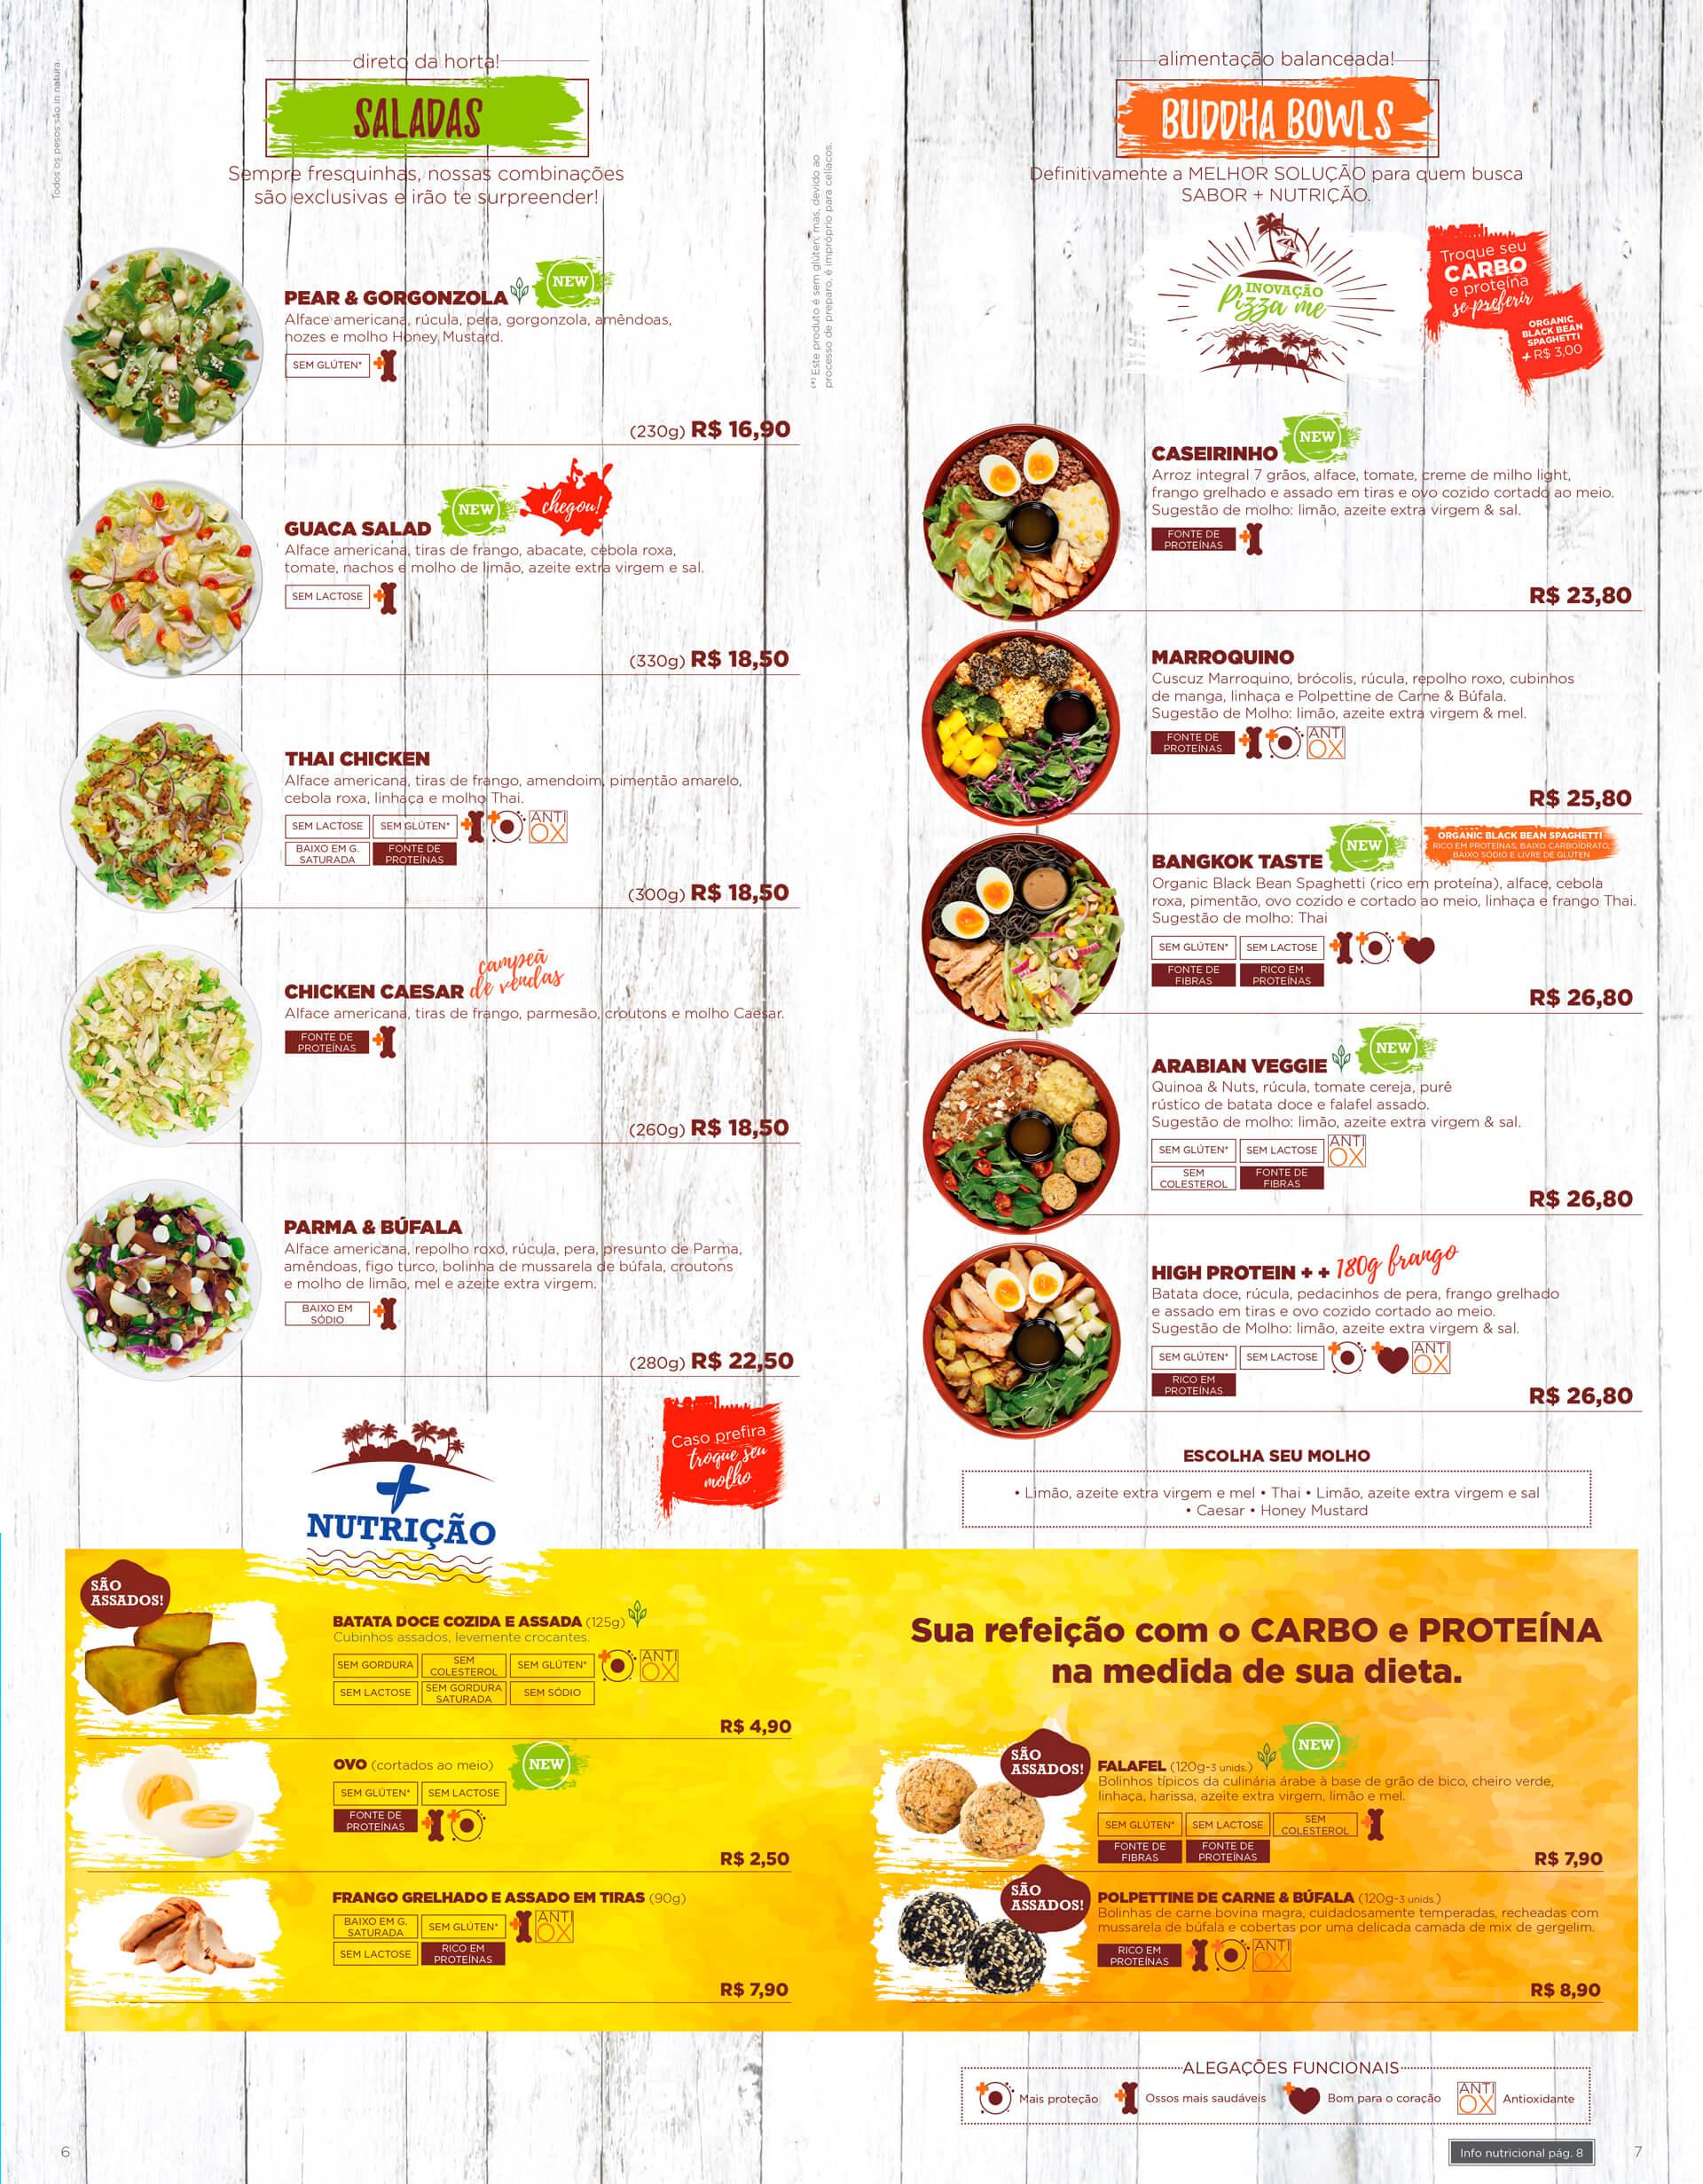 Franquia alimentação saudável